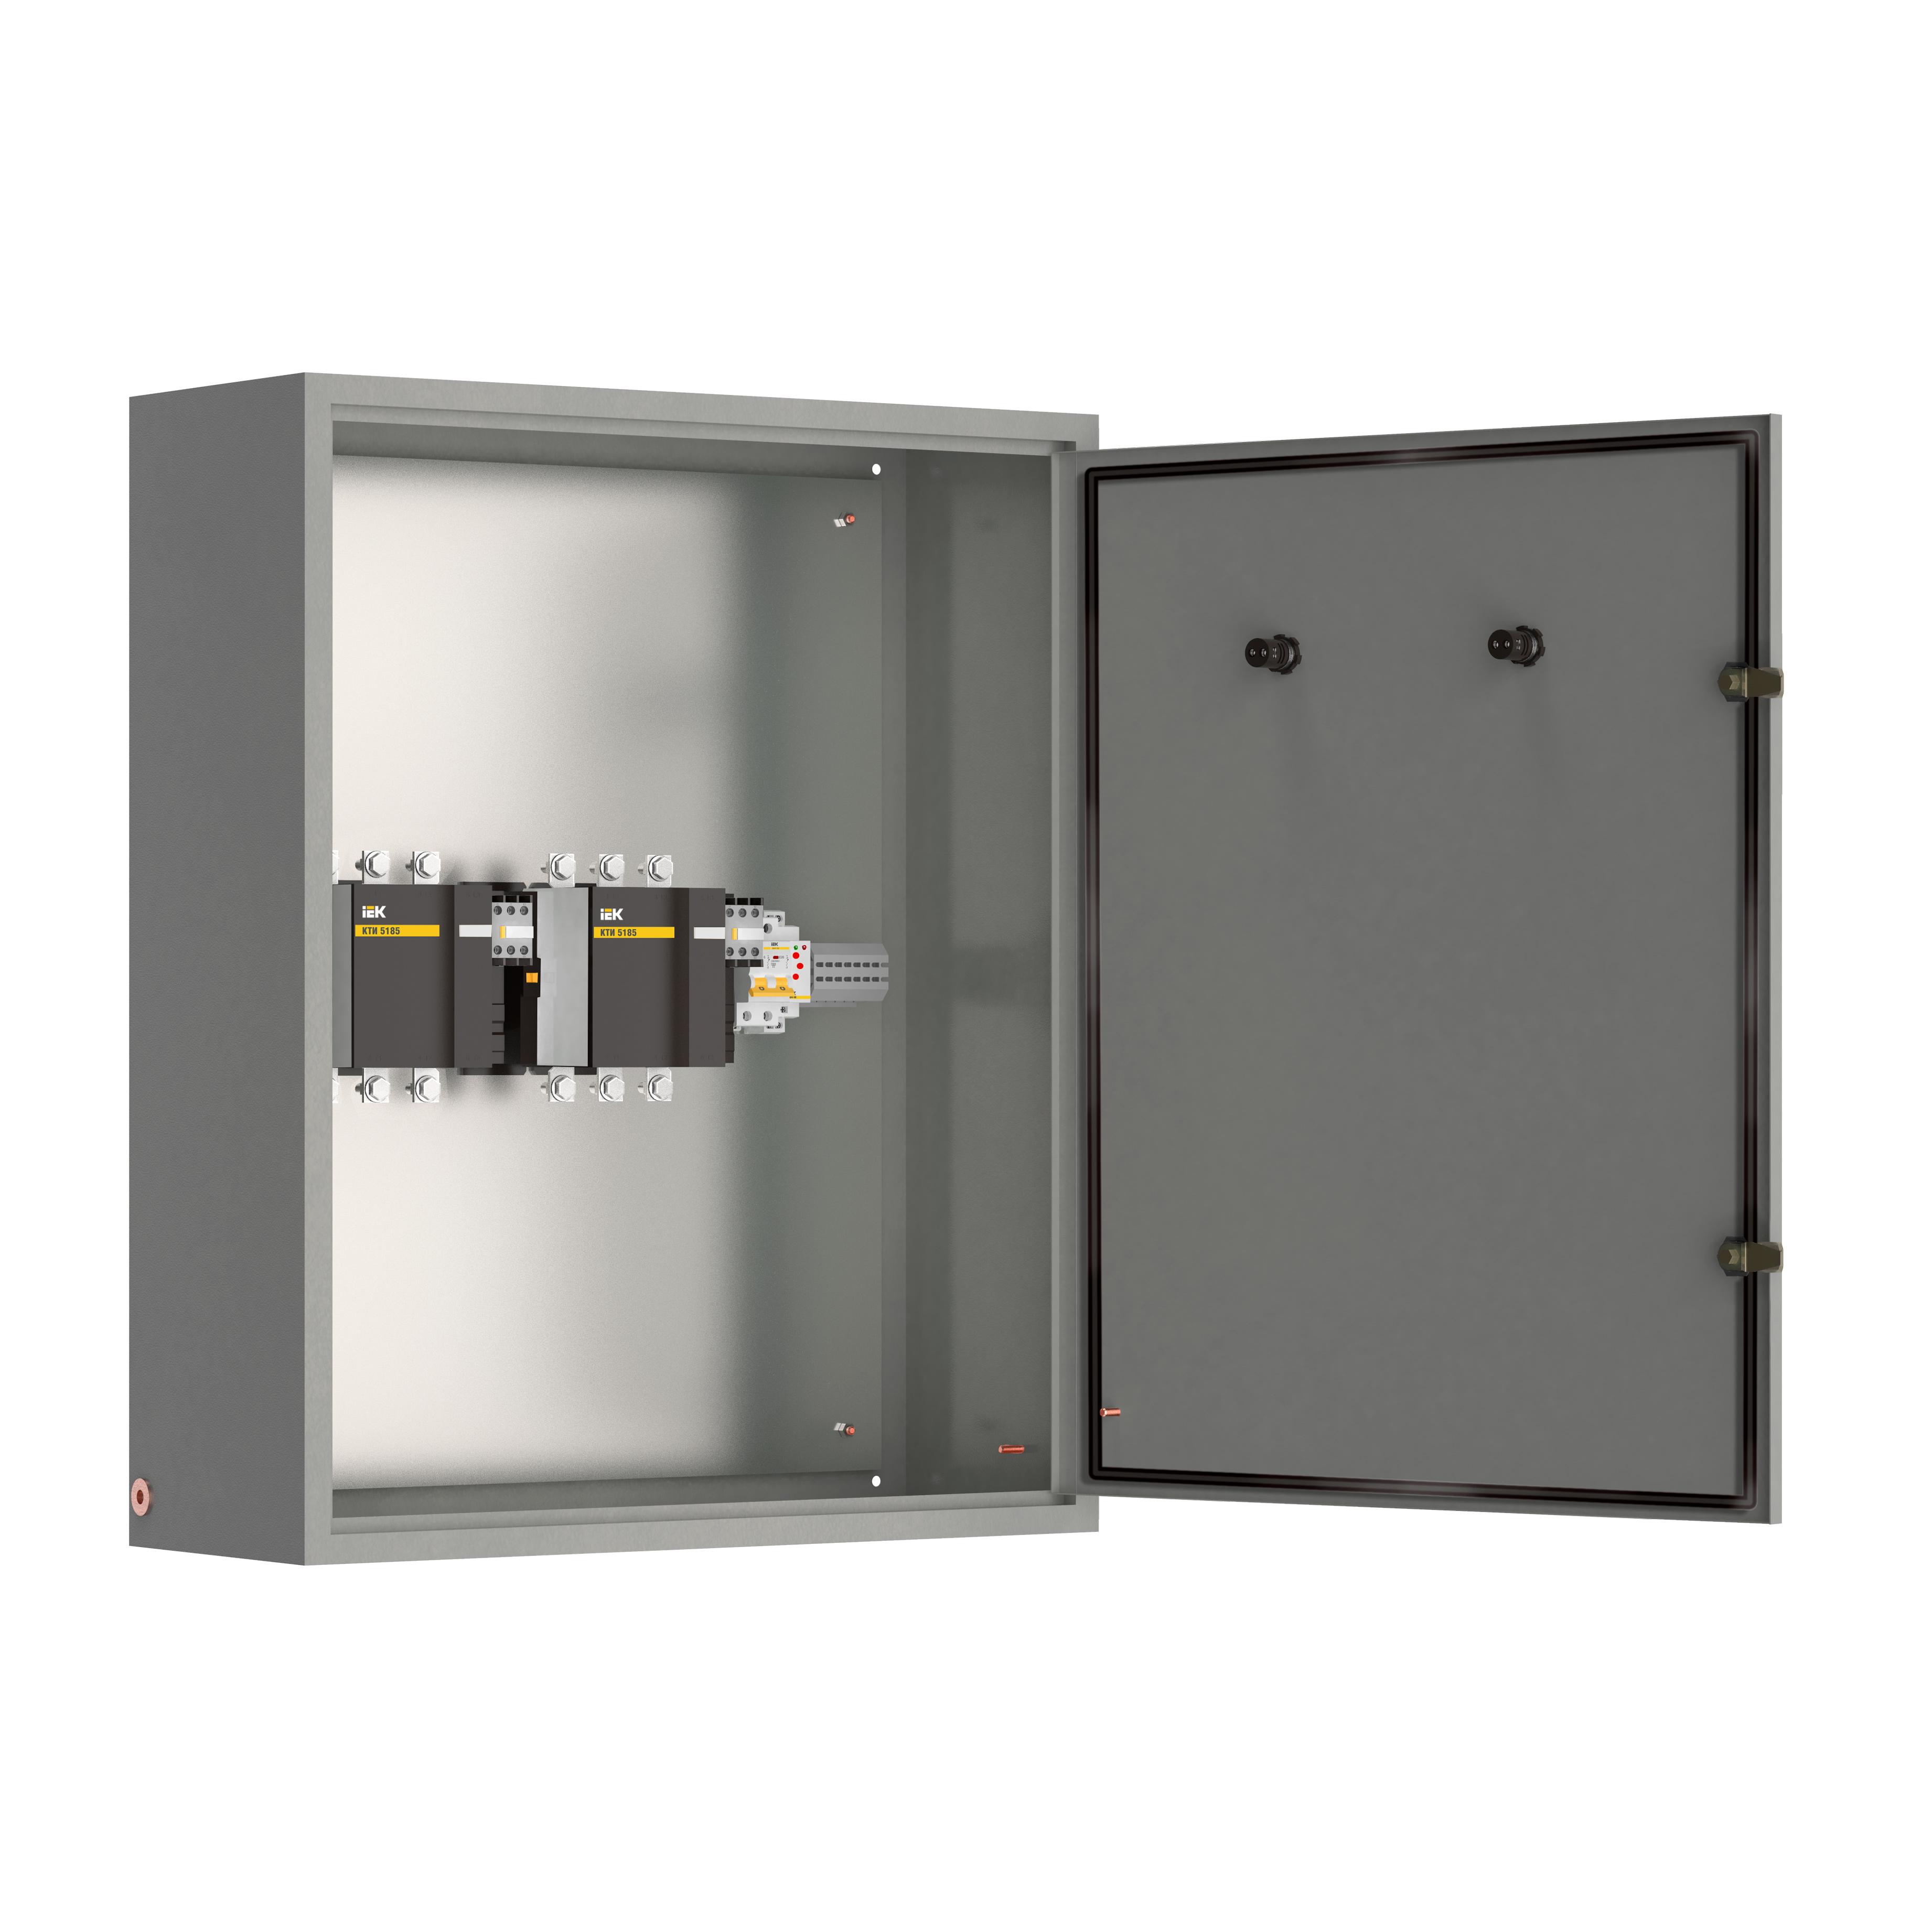 Шкаф управления ШУ8253-12А2 УХЛ4 выключатели автоматические 1Р 1х6А 3Р 1х6А контакторы 2х40А IEK